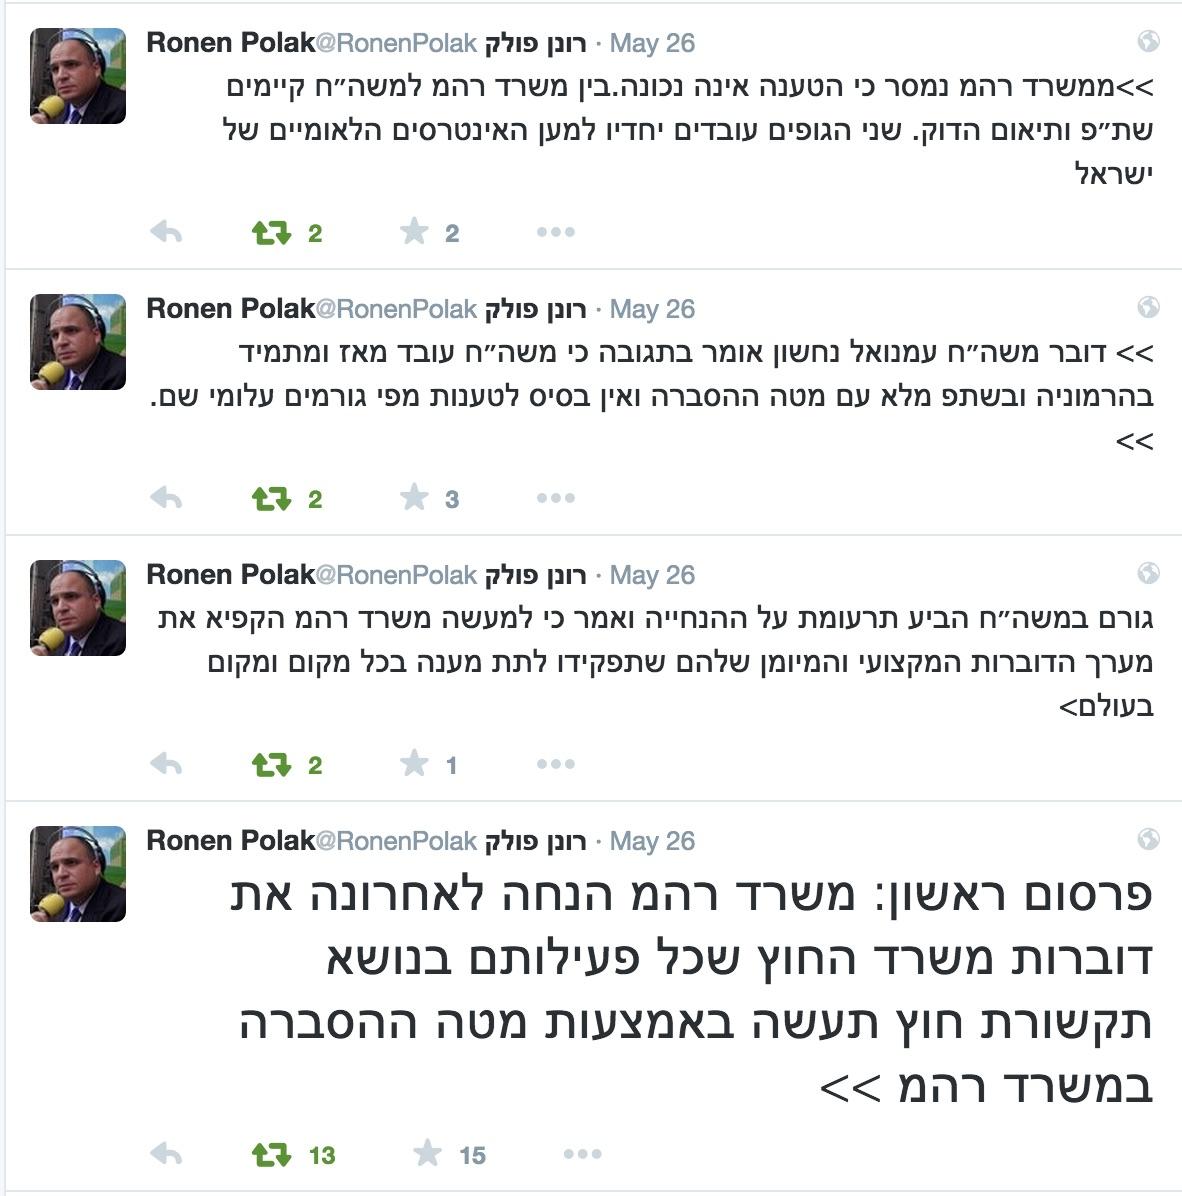 סדרת הציוצים של הכתב המדיני פולק, אשר גם שודרו ברשת ב׳ באותו היום